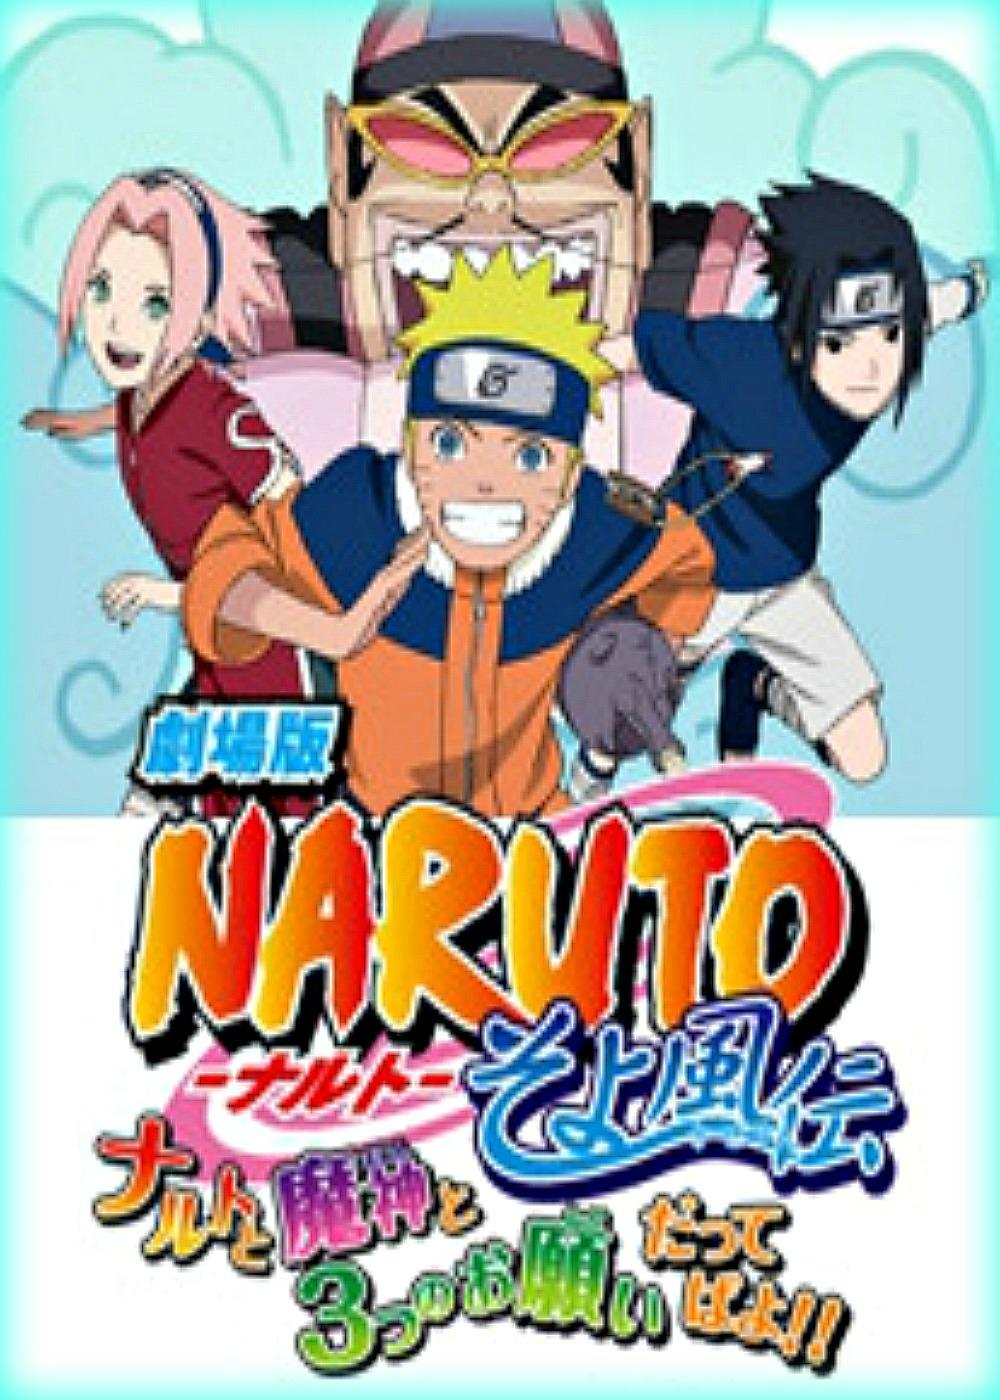 смотреть OVA Naruto: Джин и три желания! с русской озвучкой, все серии, скачать OVA Naruto: Джин и три желания!